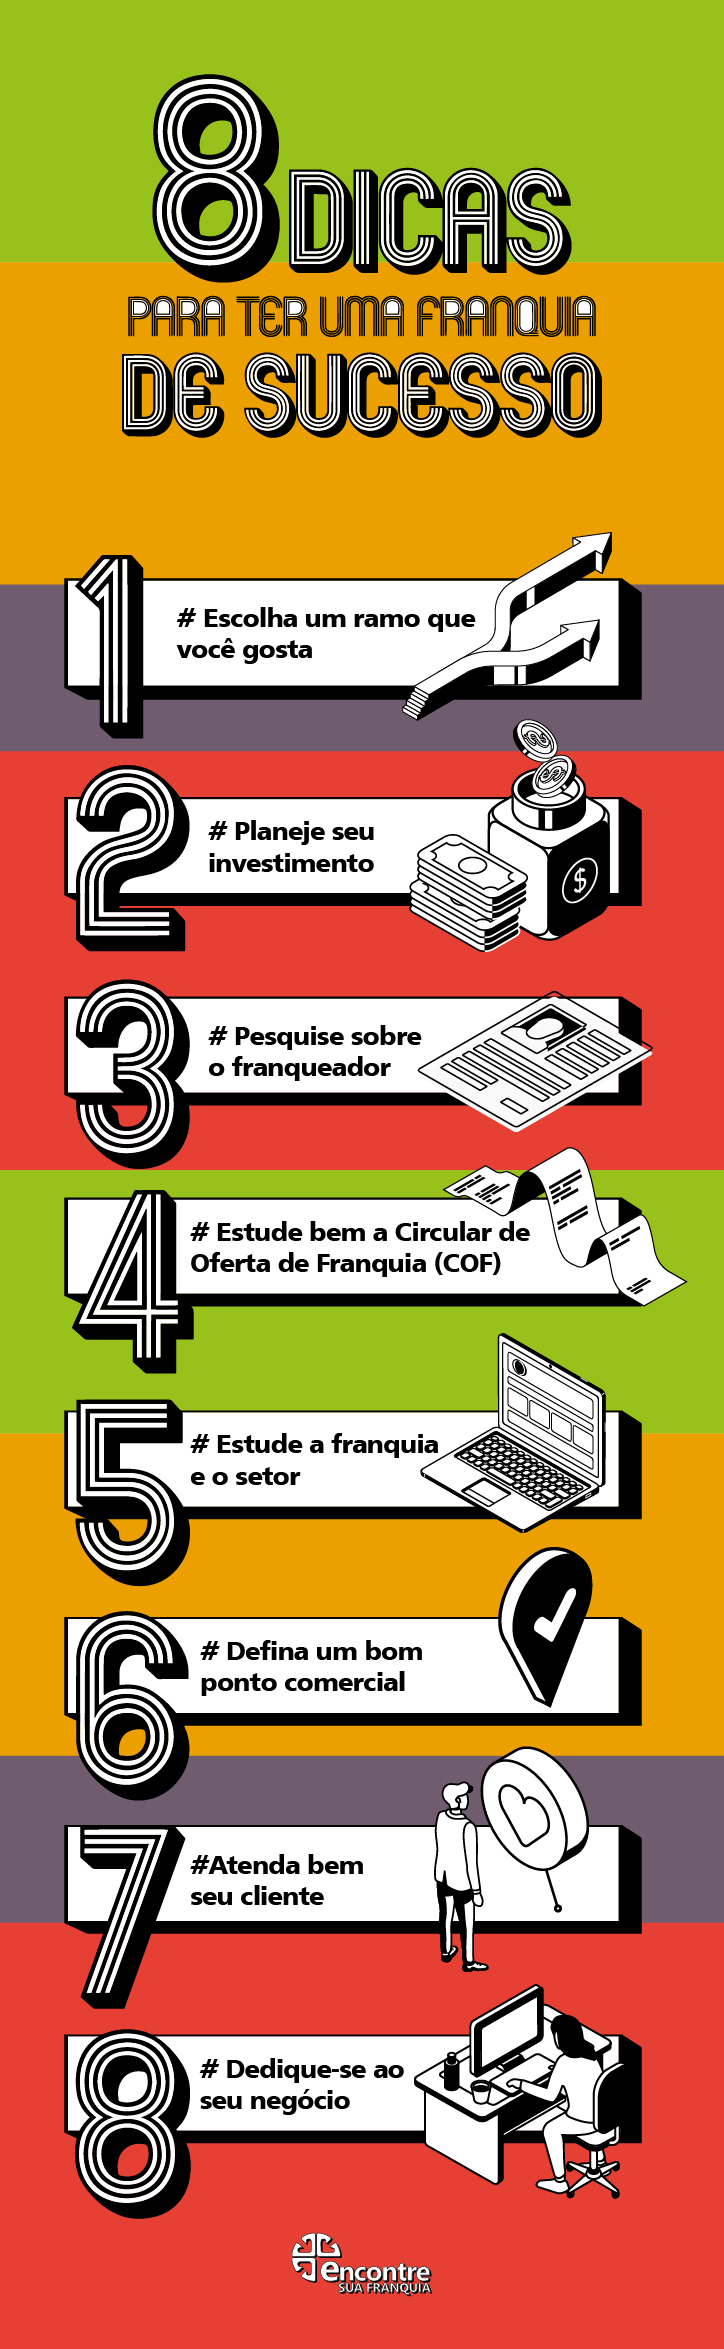 Imagem de um infográfico com 8 dicas para ter sucesso com franquias.